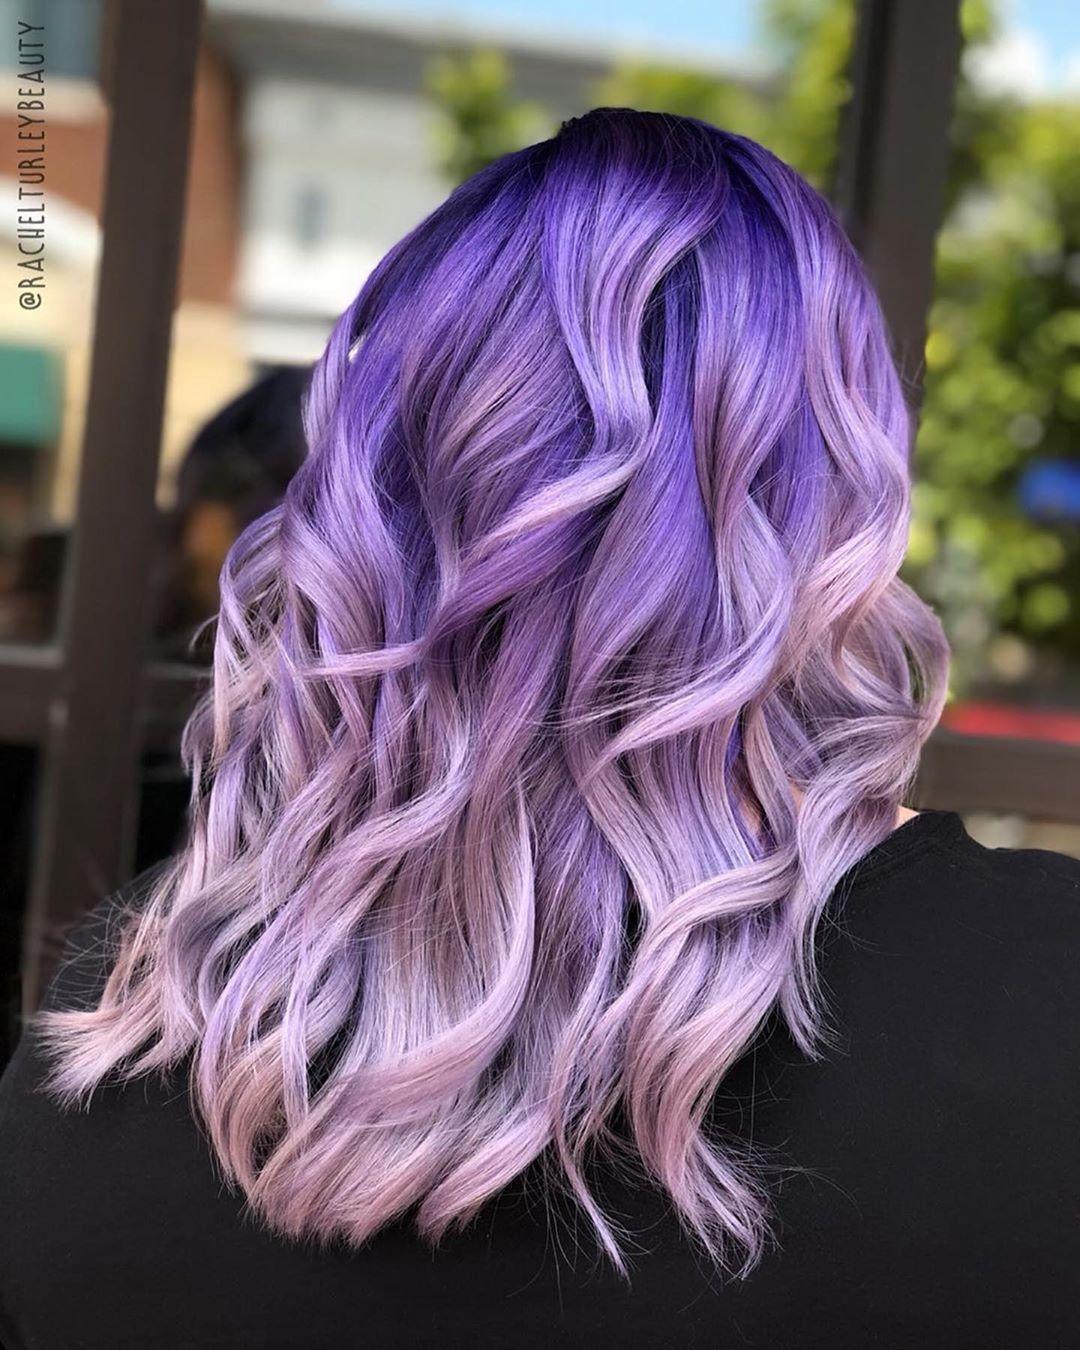 Растяжка цвета на волосах фото 21